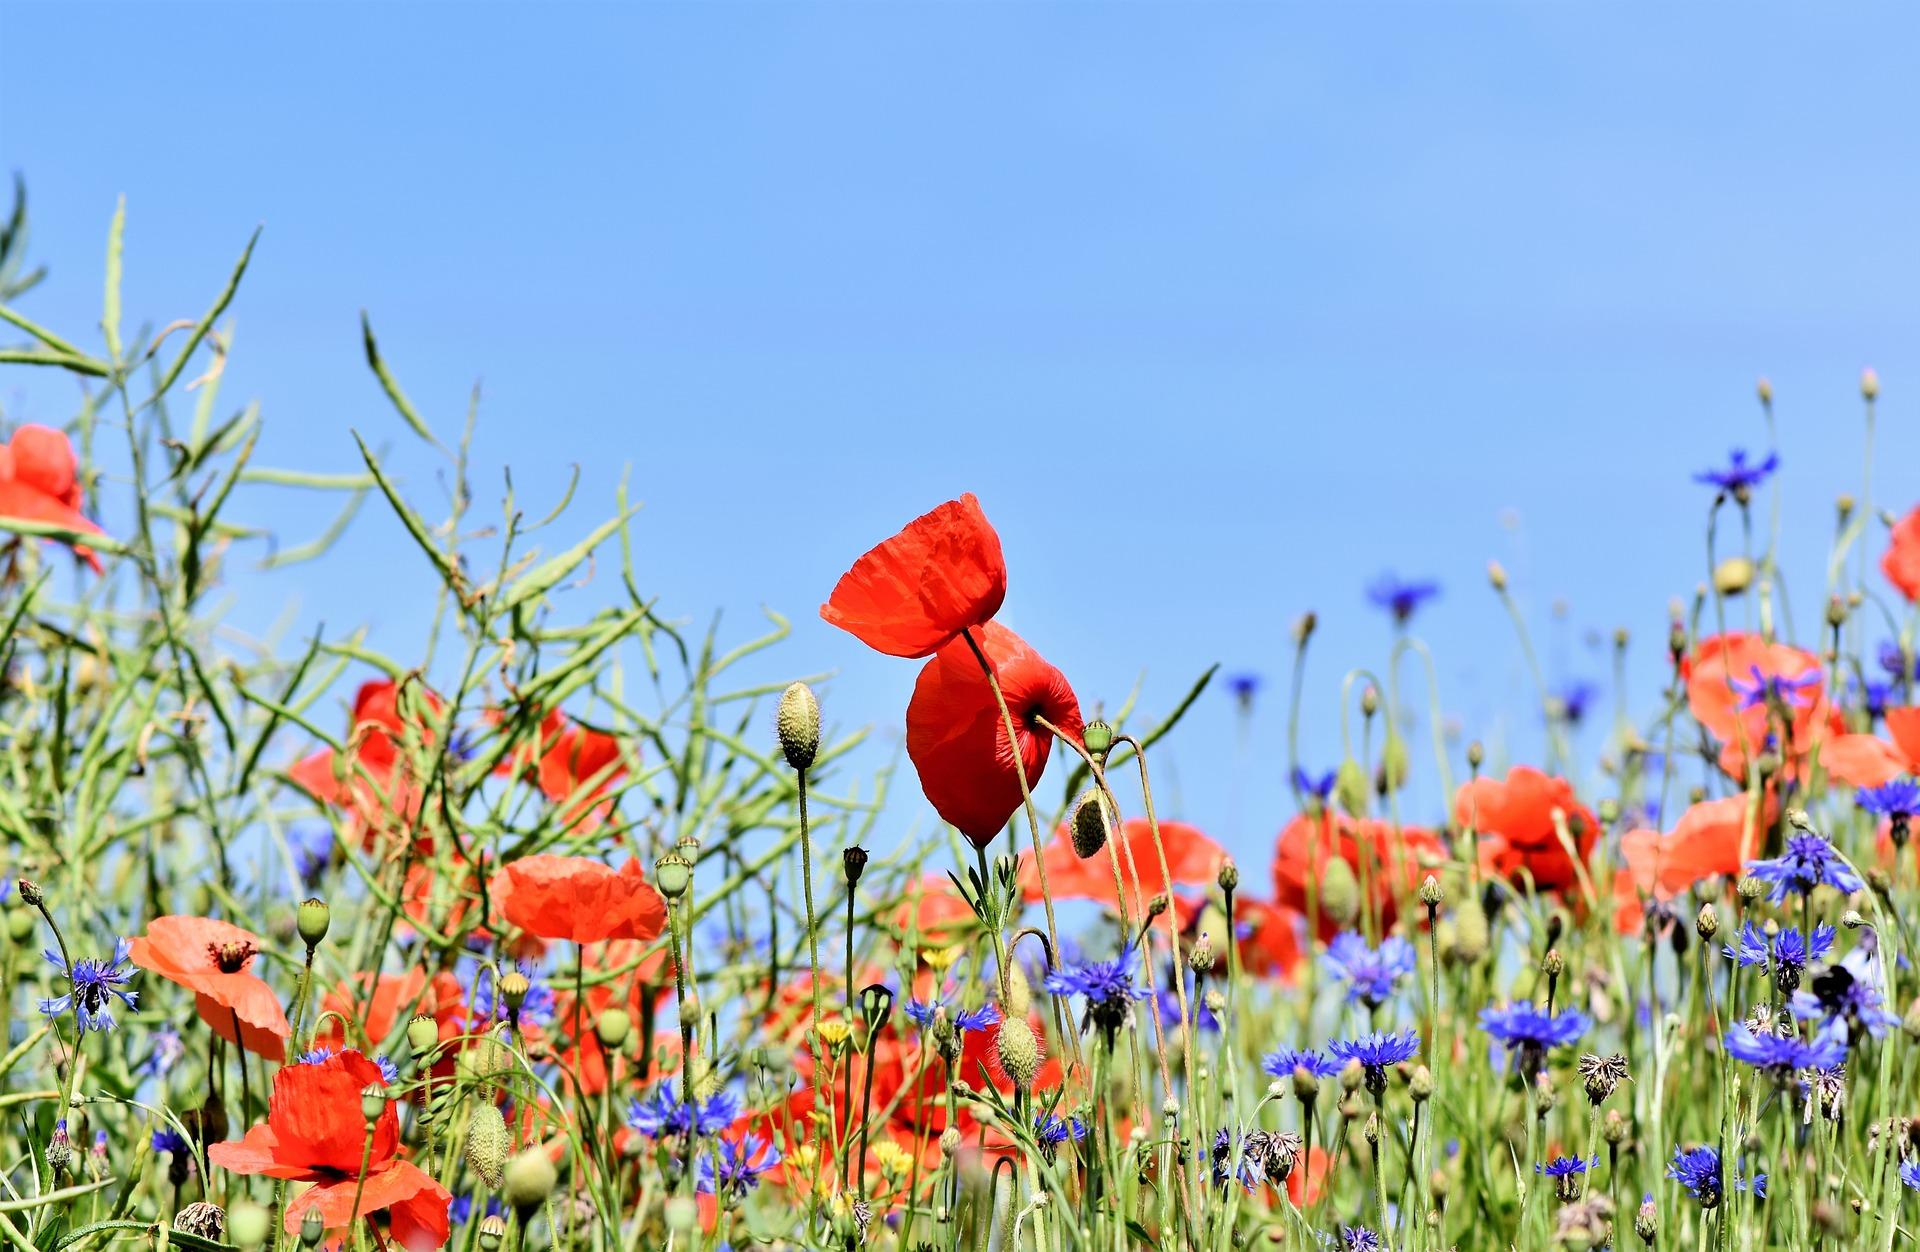 poppy-3441348_1920.jpg